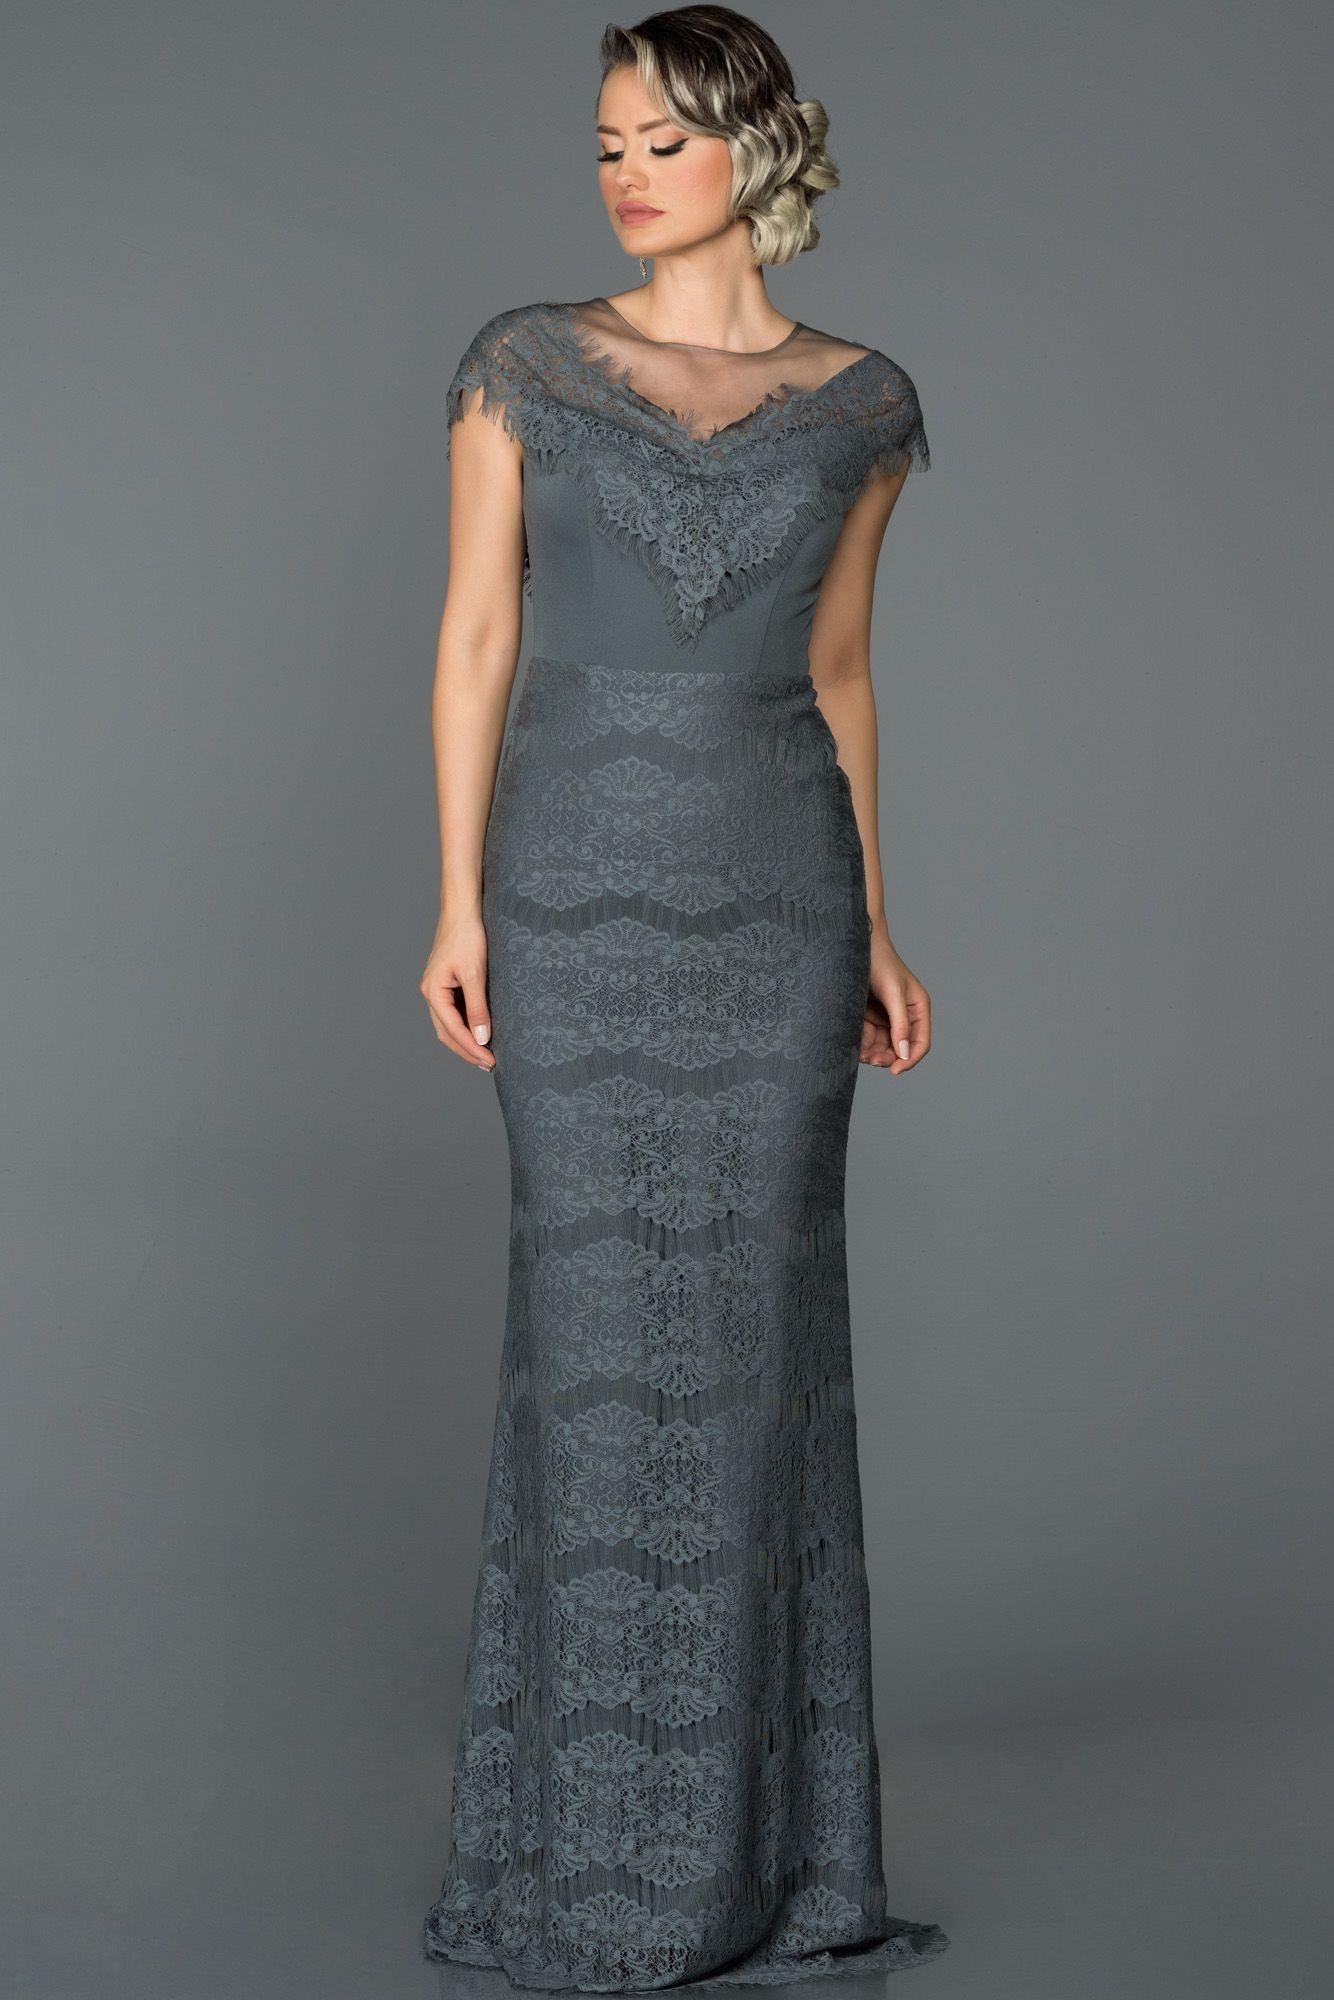 Tul Dantel Detayli Abiye Elbise Ab2629 Elbise Modelleri Elbise Elbise Dugun